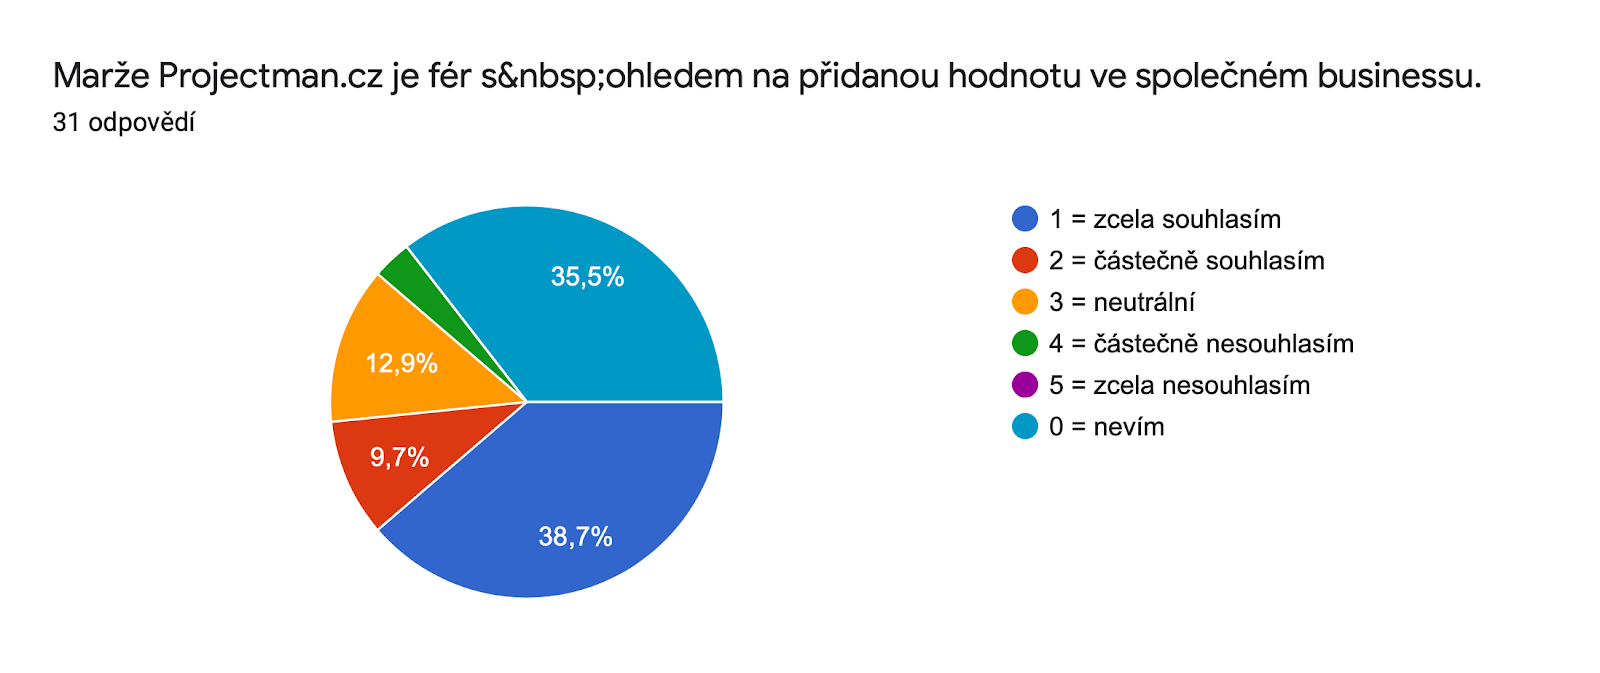 Graf odpovědí Formulářů. Název otázky: Marže Projectman.cz je fér s ohledem na přidanou hodnotu ve společném businessu.. Počet odpovědí: 31 odpovědí.